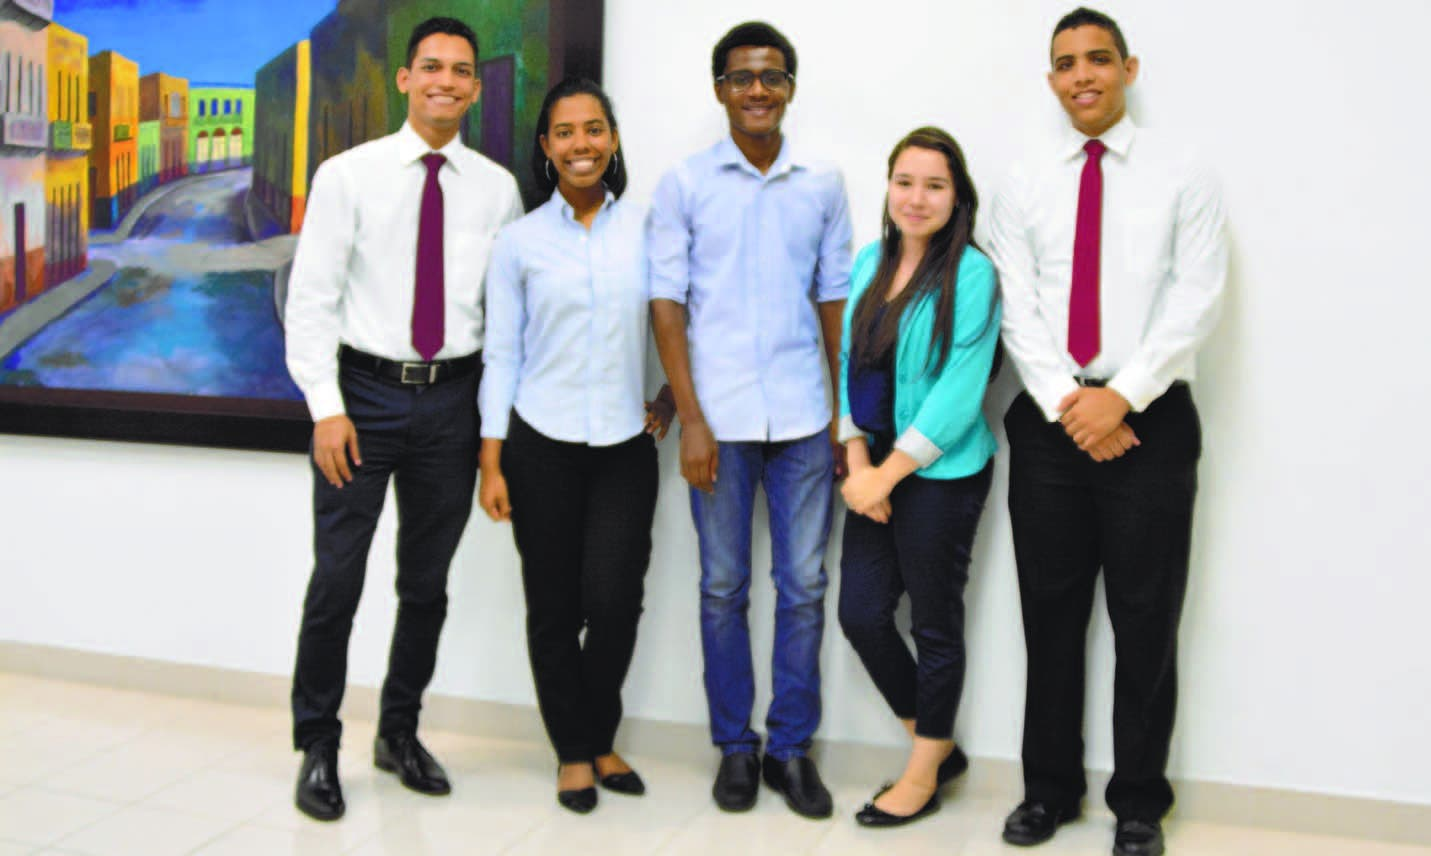 Para conservar la beca, los jóvenes deben mantener un alto desempeño académico y el apego a los valores éticos